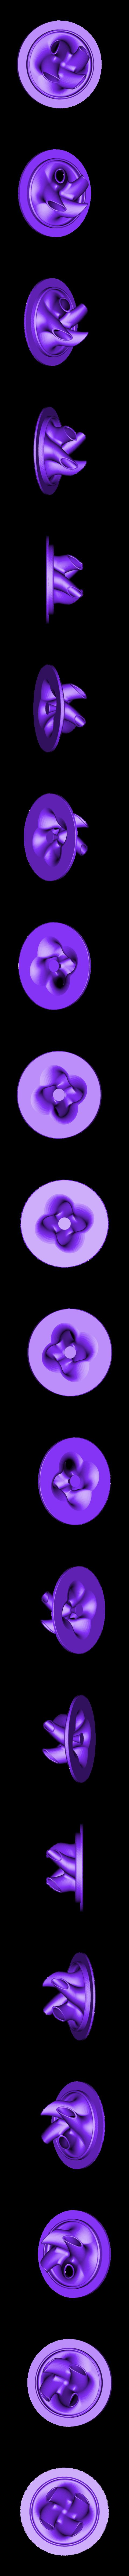 fruit_fly_trap_7_twist.STL Télécharger fichier STL gratuit Piège à mouches des fruits 7 • Design à imprimer en 3D, Fayeya